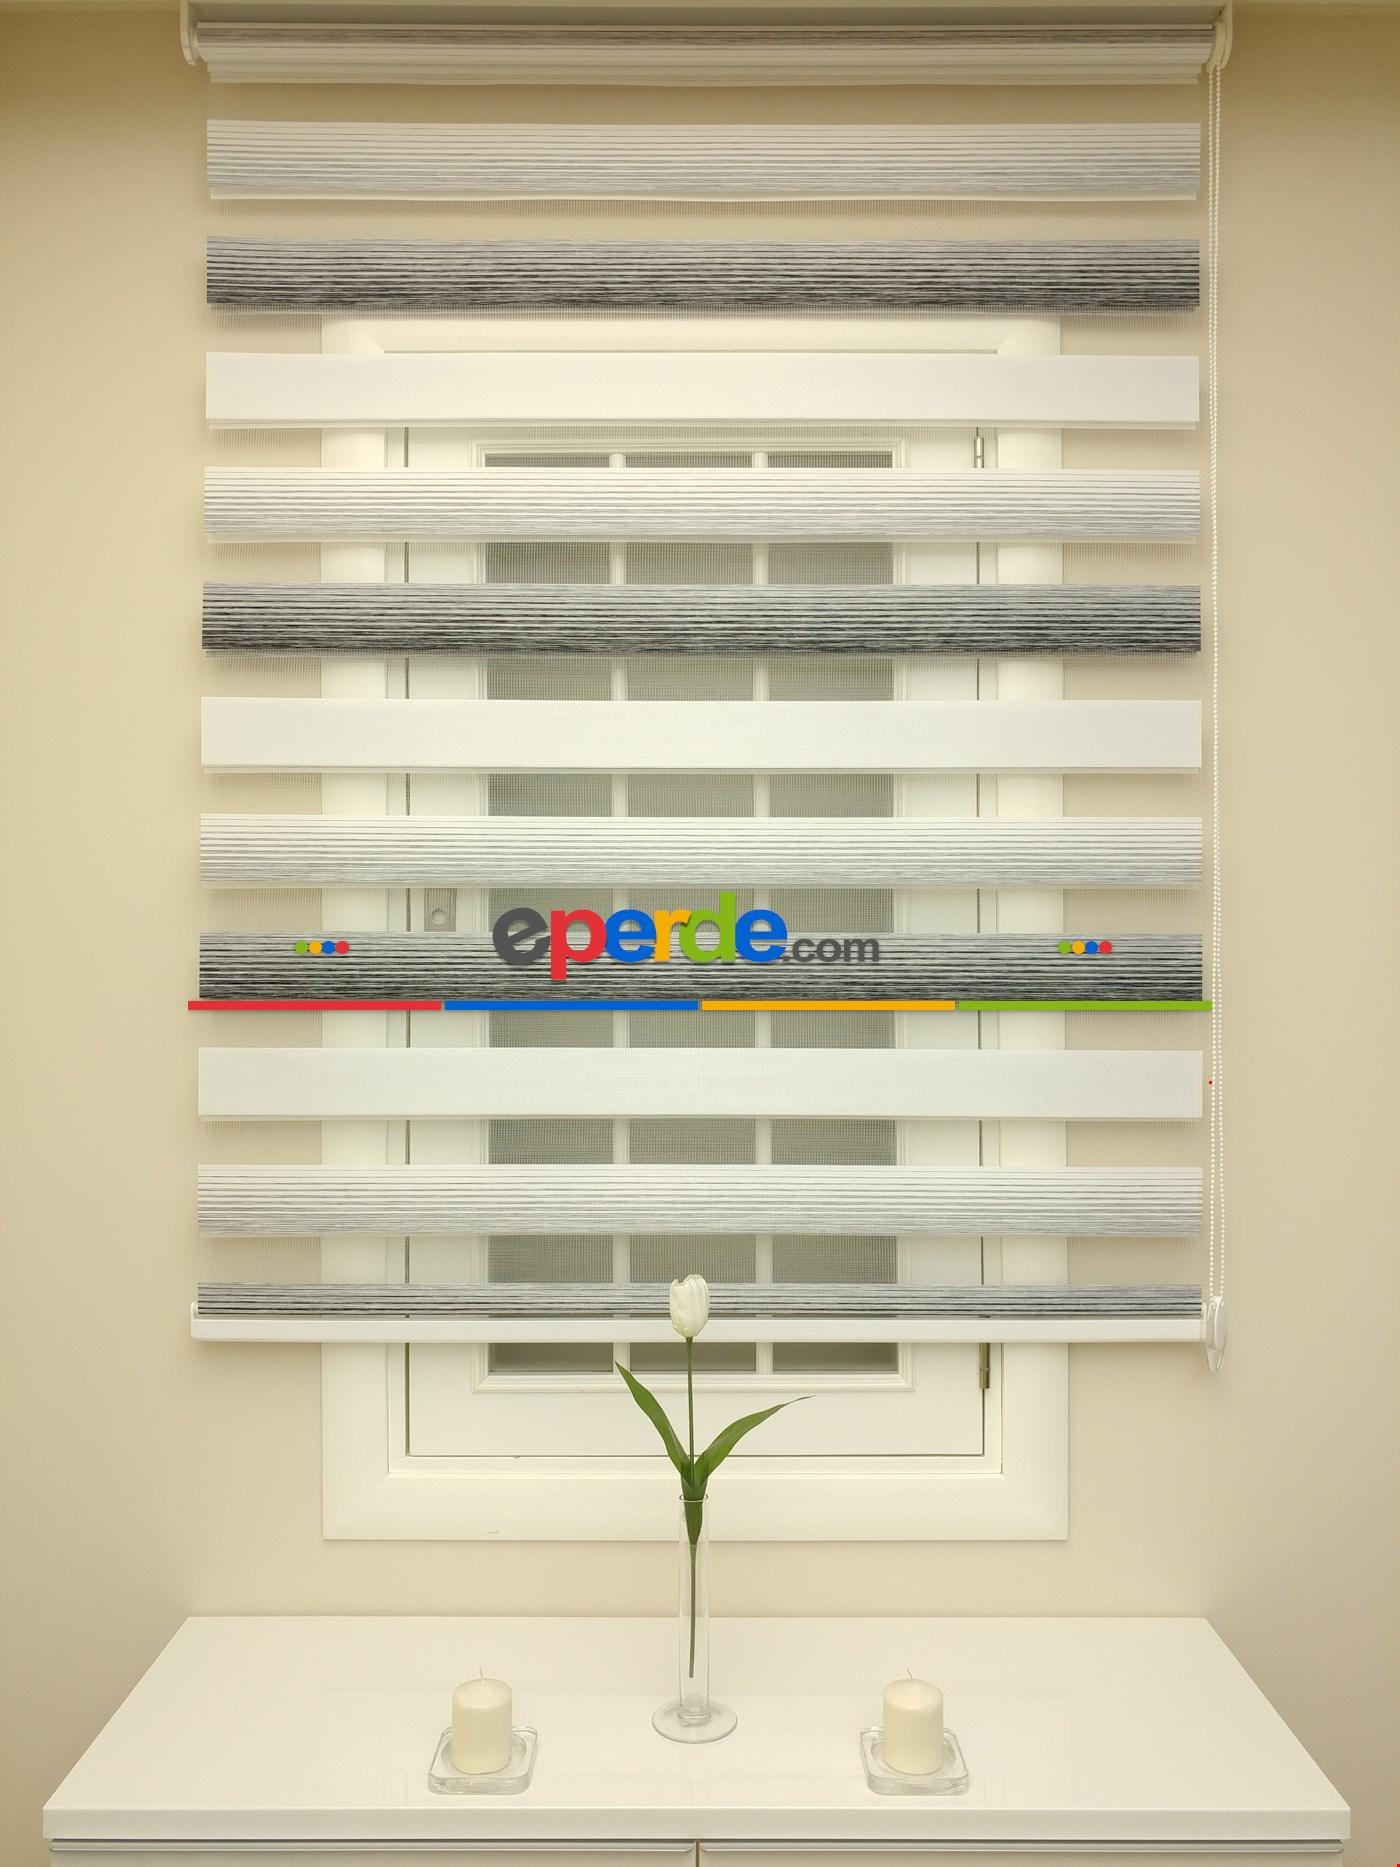 Zebra Perde - Caprice A.gri-antrazit Renk Bambu (geçiş Zeminli)